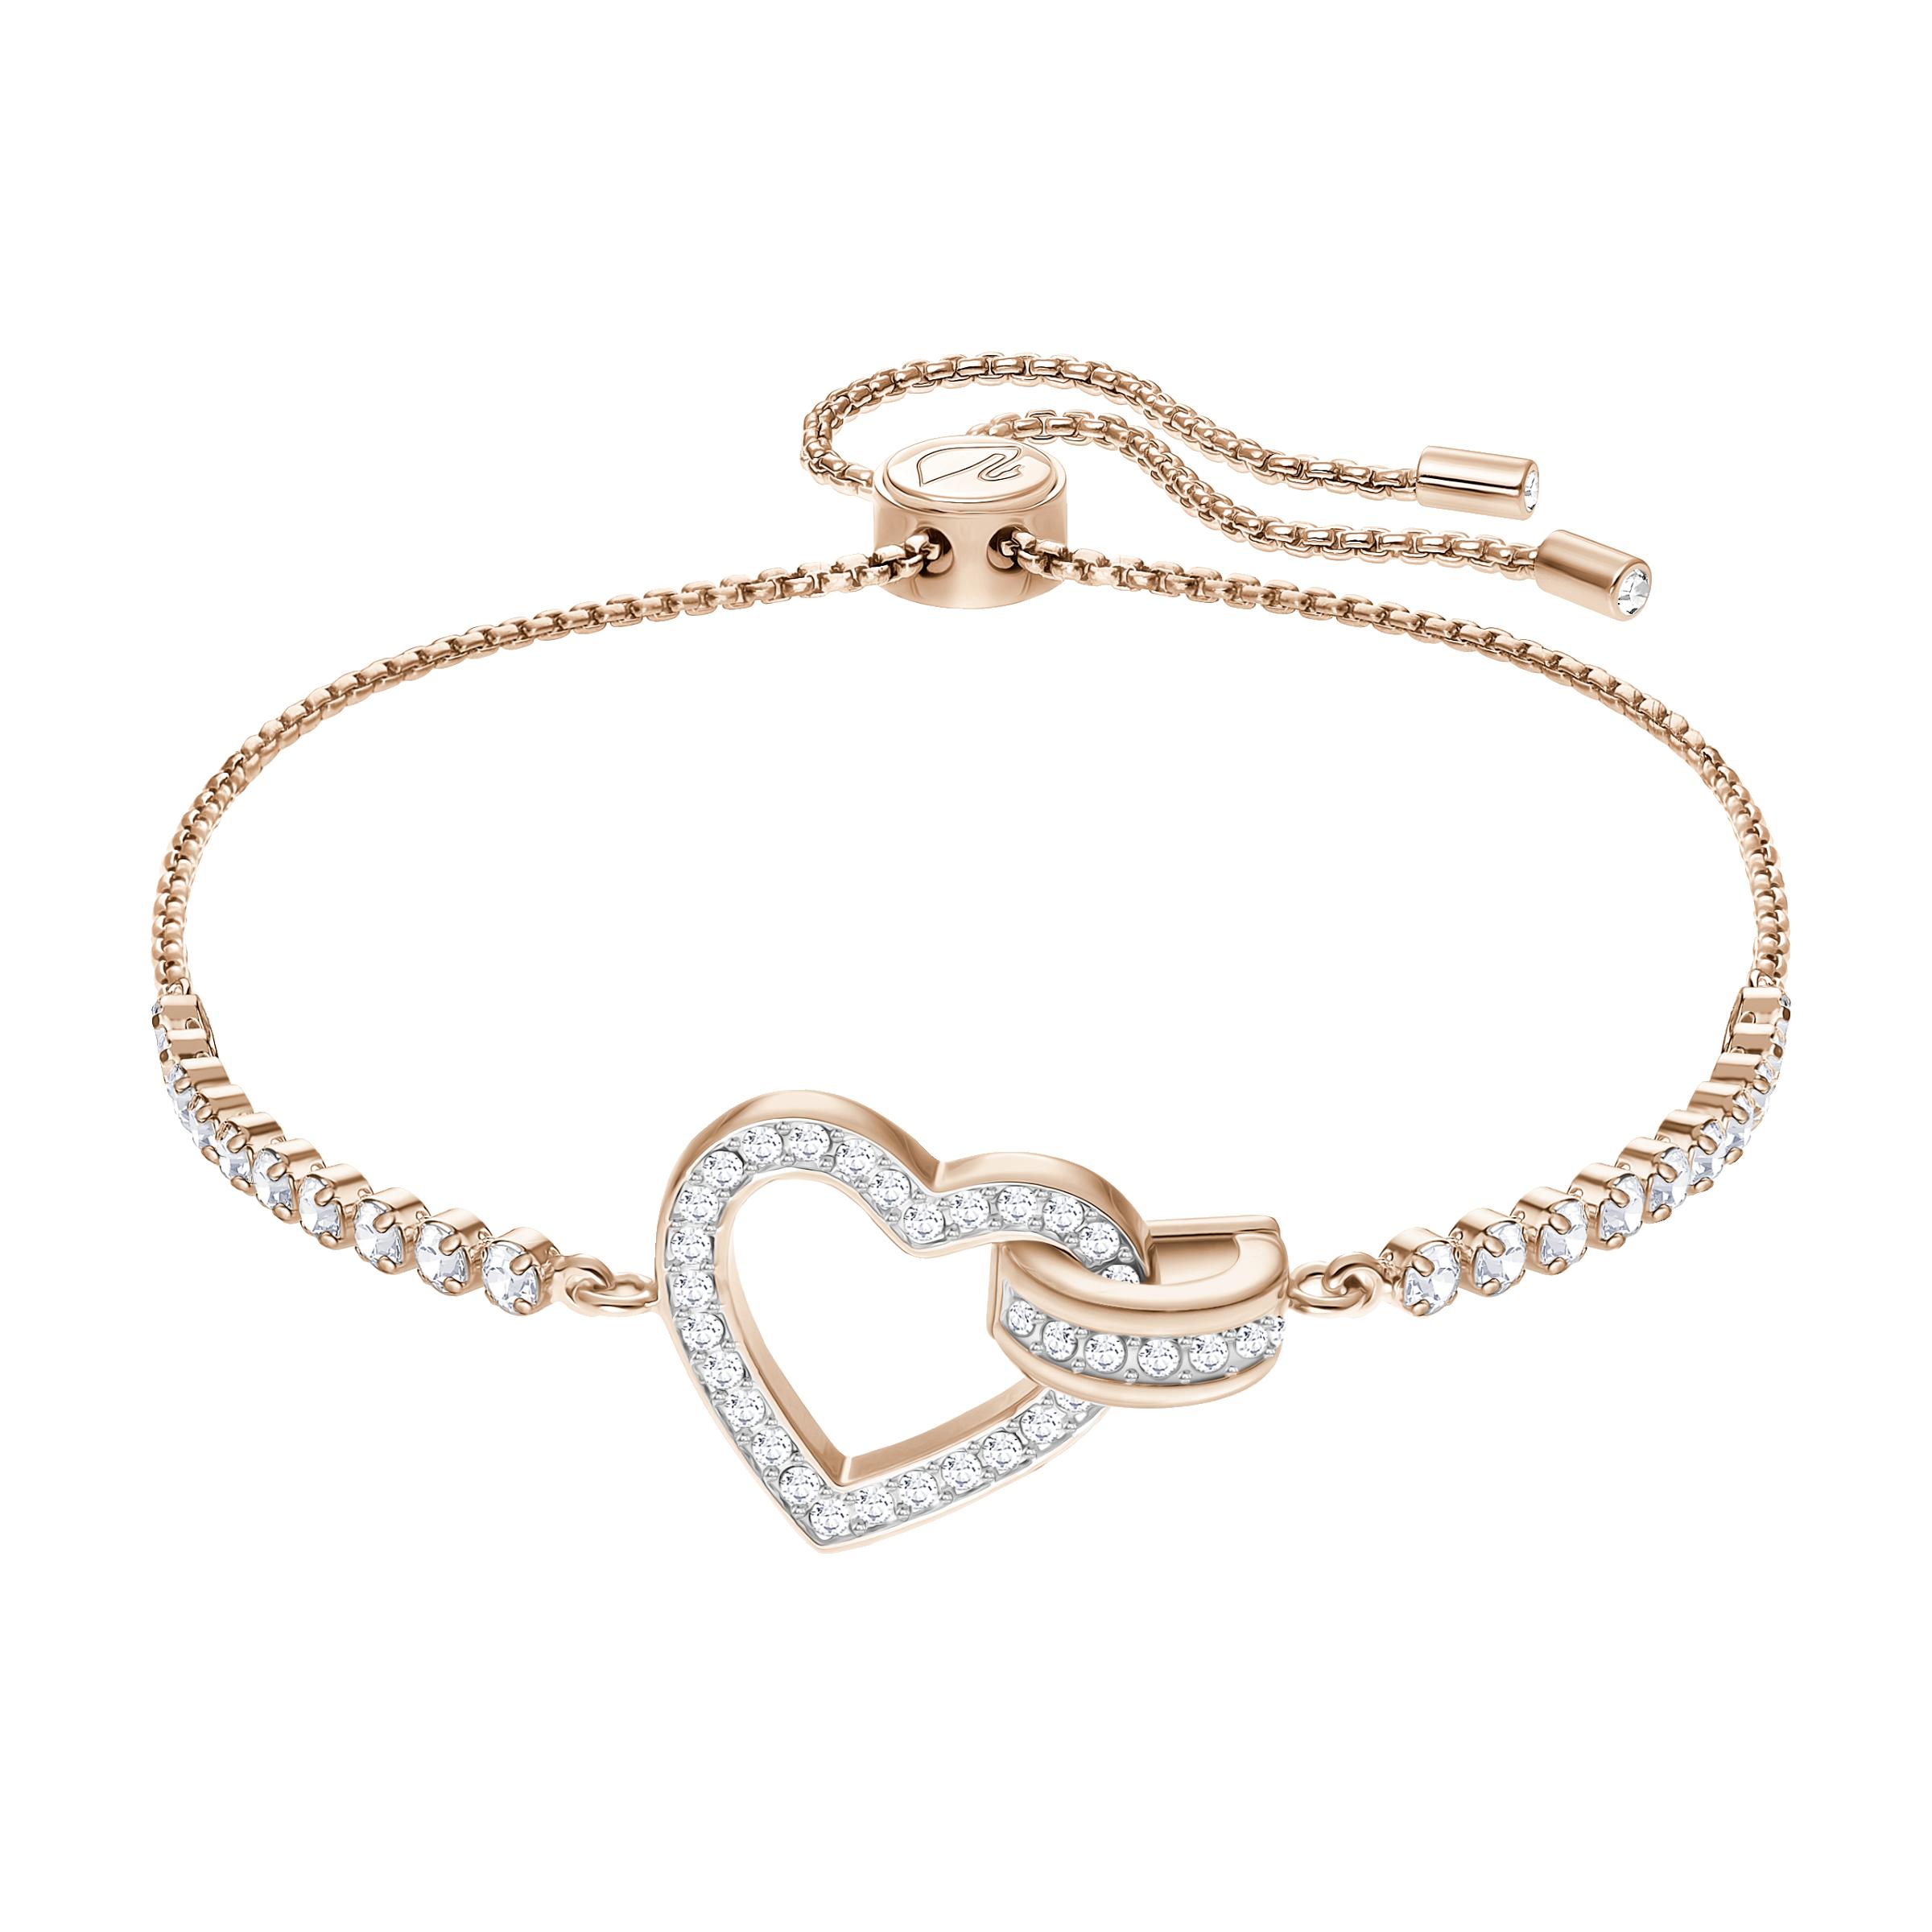 Lovely Bracelet, White, Rose Gold Plating